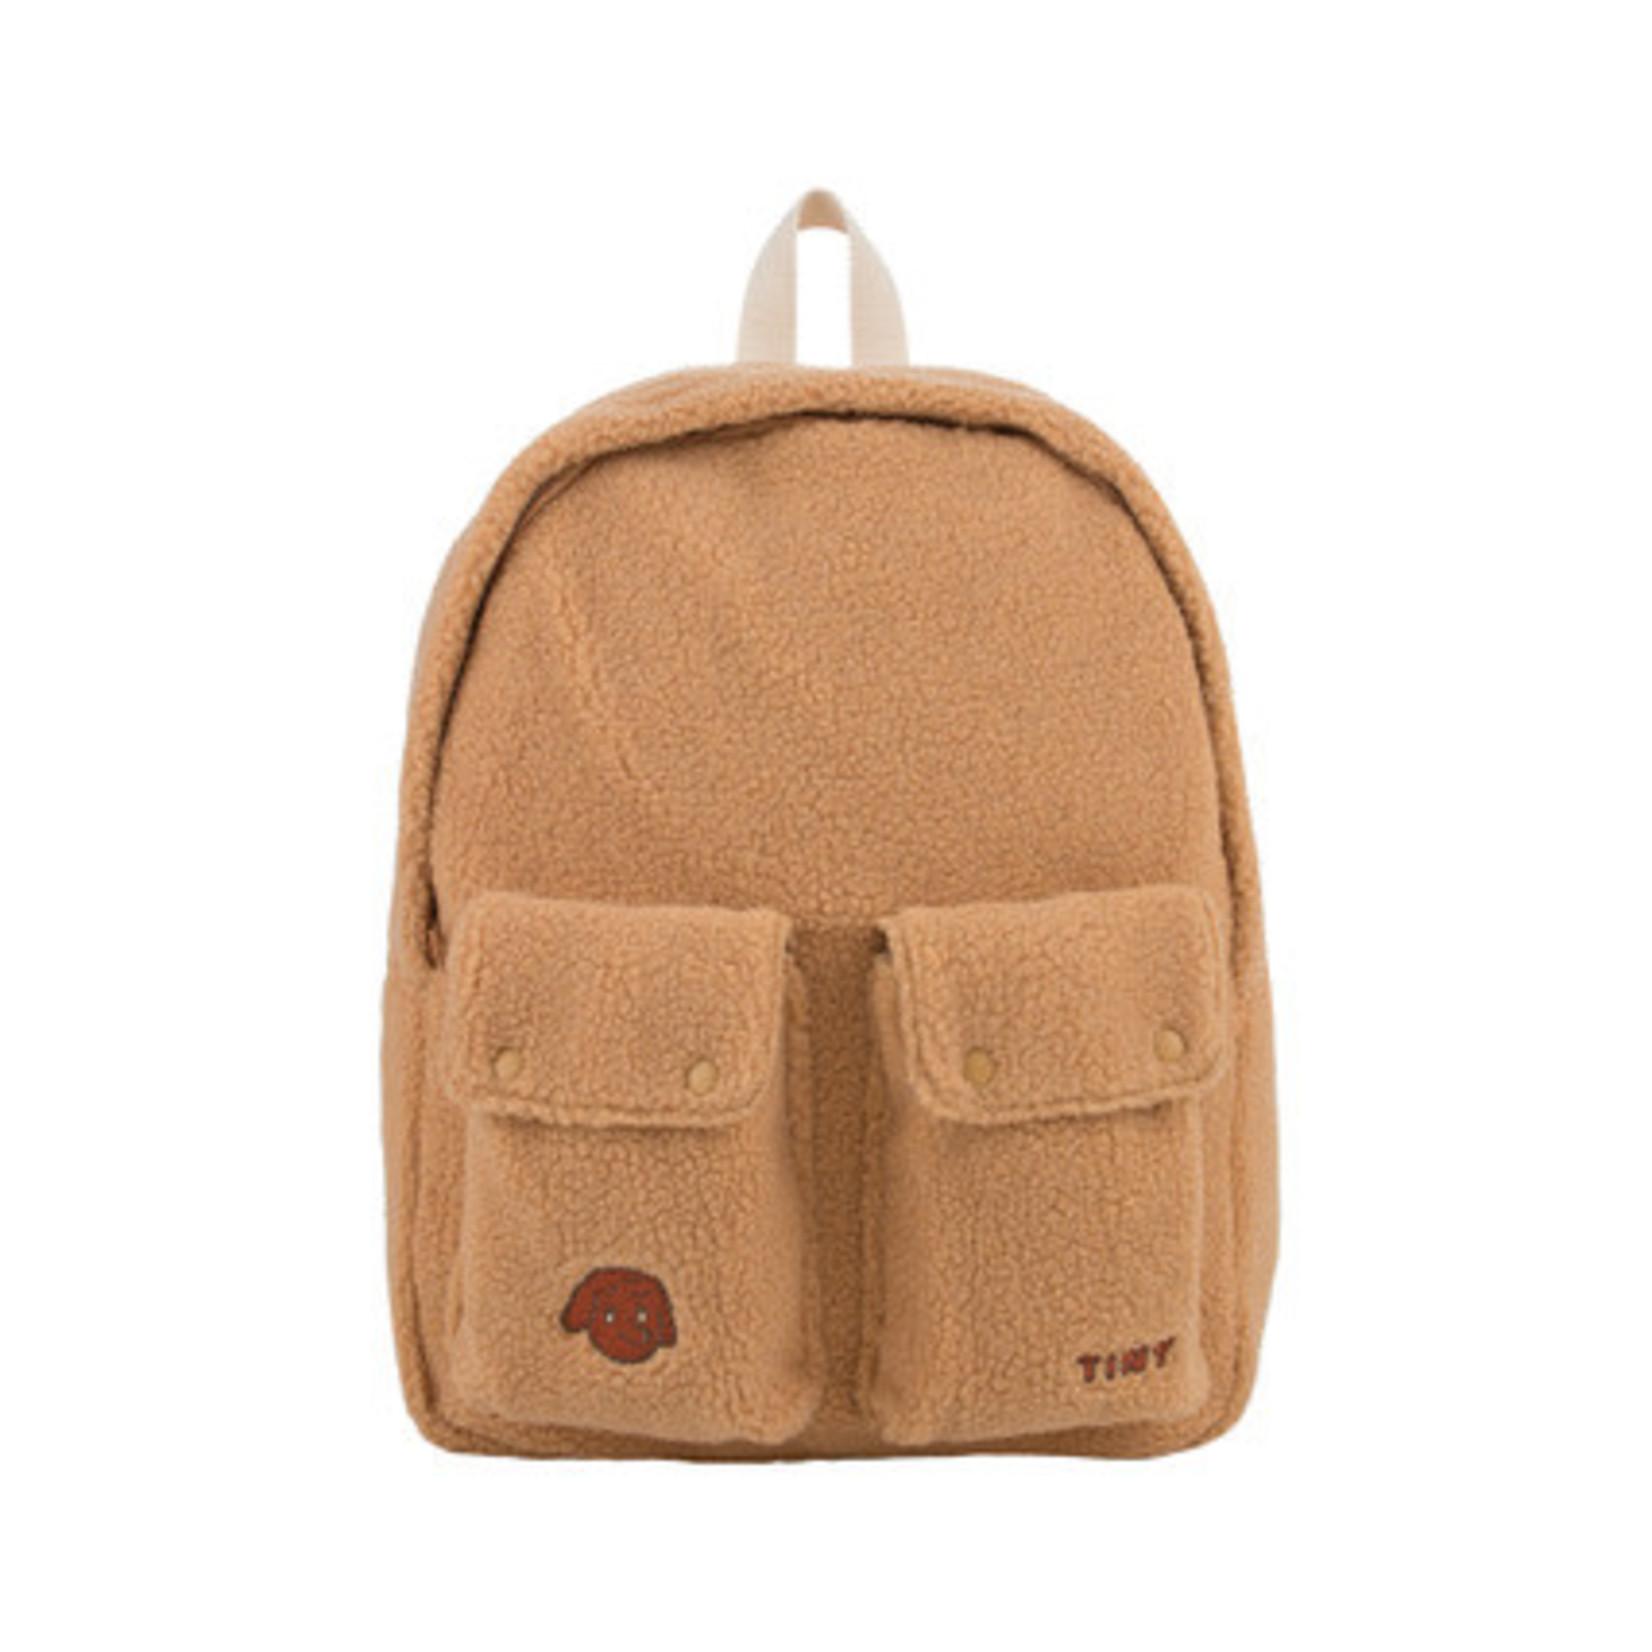 TINY COTTONS TINY COTTONS SALE Tiny dog big sherpa backpack